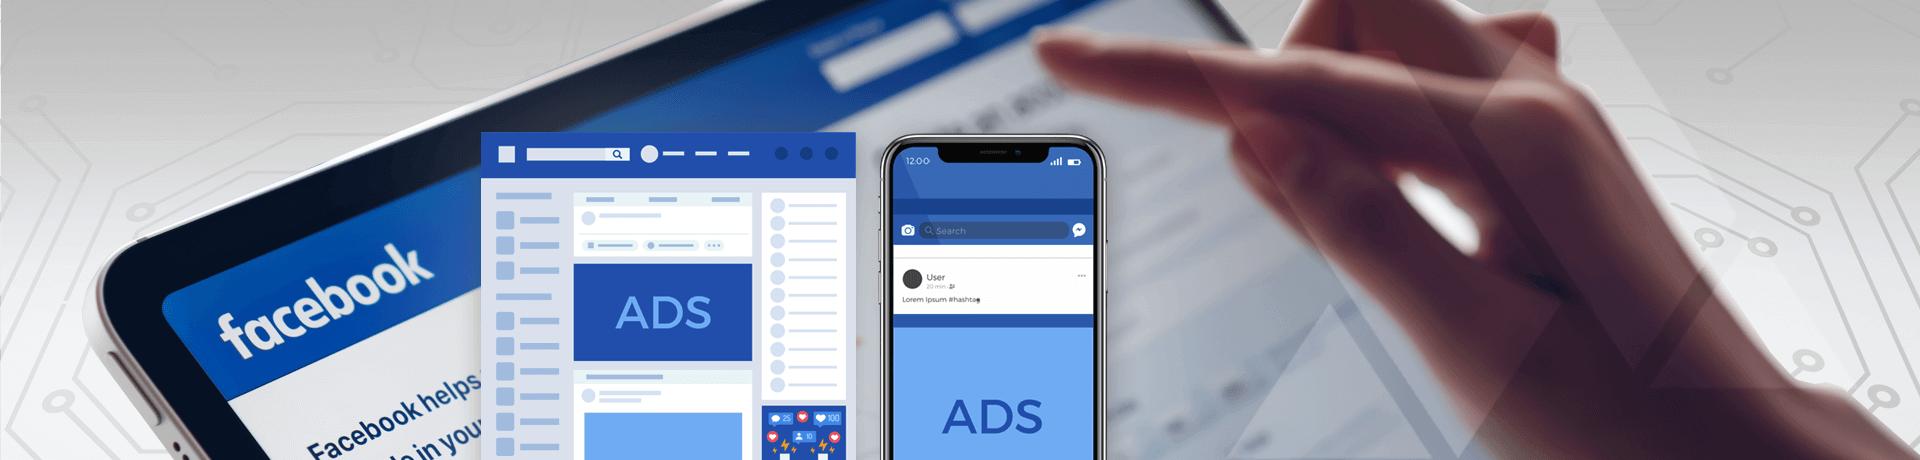 digiads-marketing-digital-banner-servico